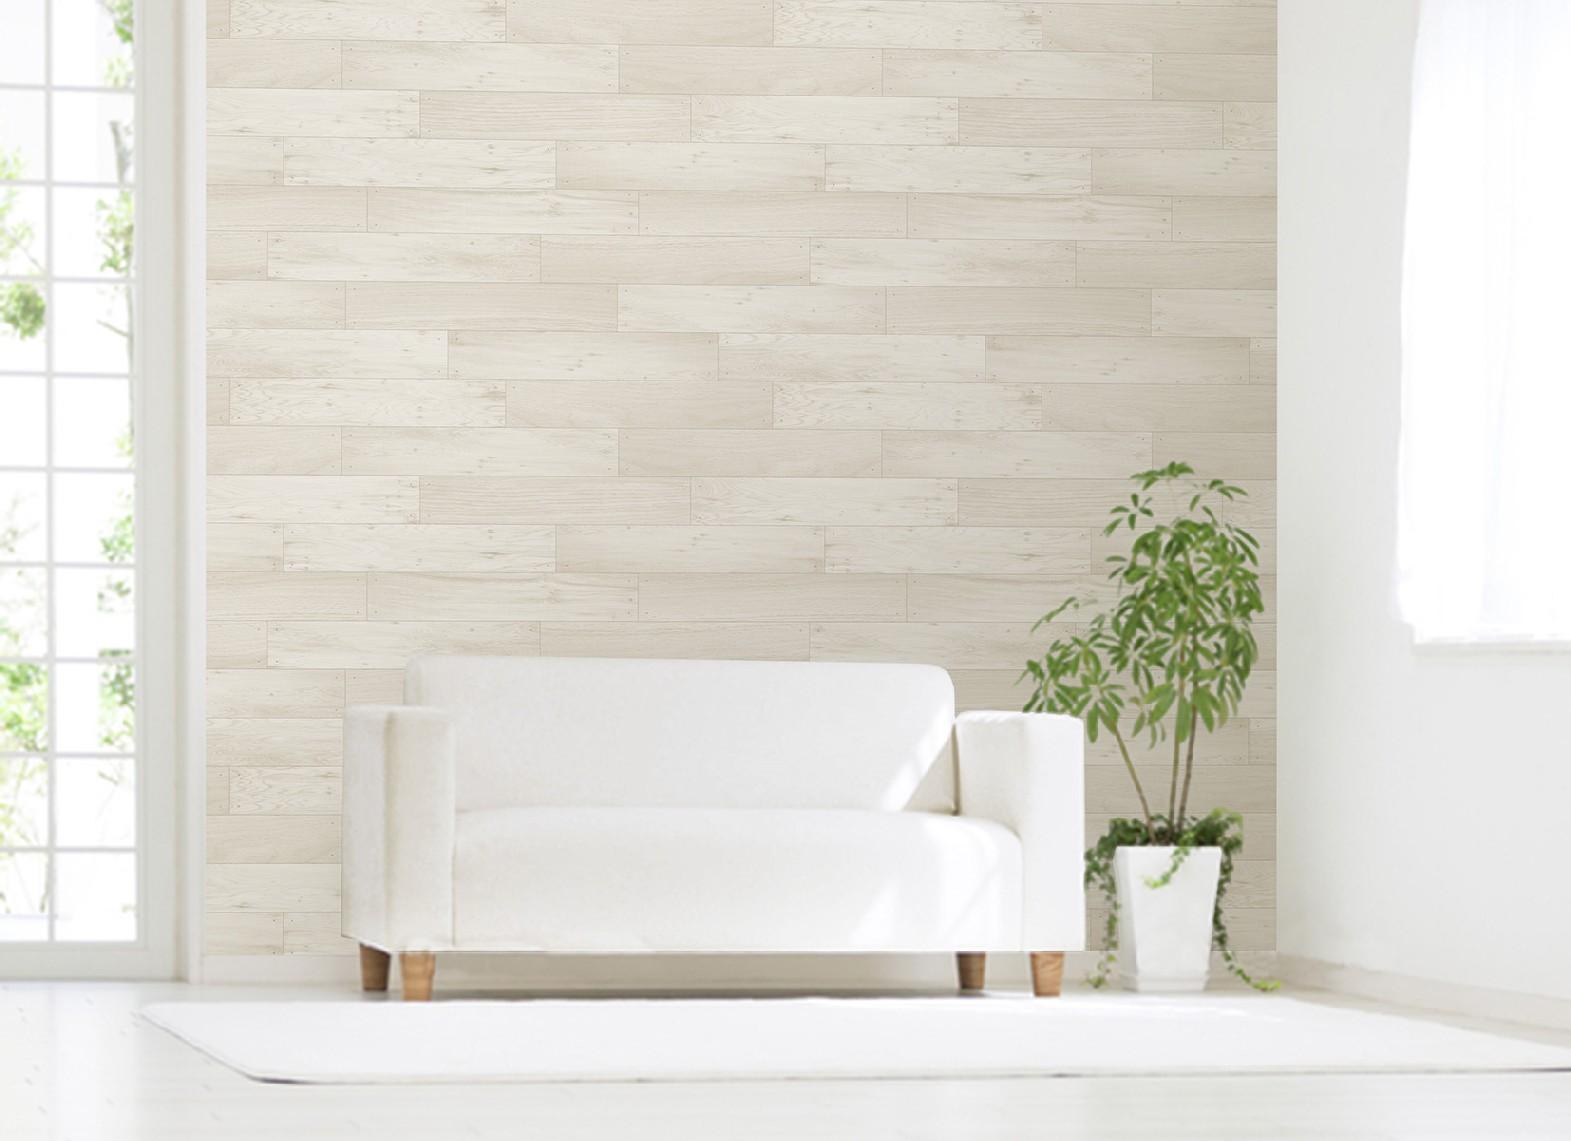 塩ビ壁紙に貼れるシート貼って剥がしても壁を傷めません 公式ストア お部屋を簡単に可愛く飾れる 送料無料 アクセント壁紙 92cmx2.5m WAP-502 新入荷 流行 木目 10666640